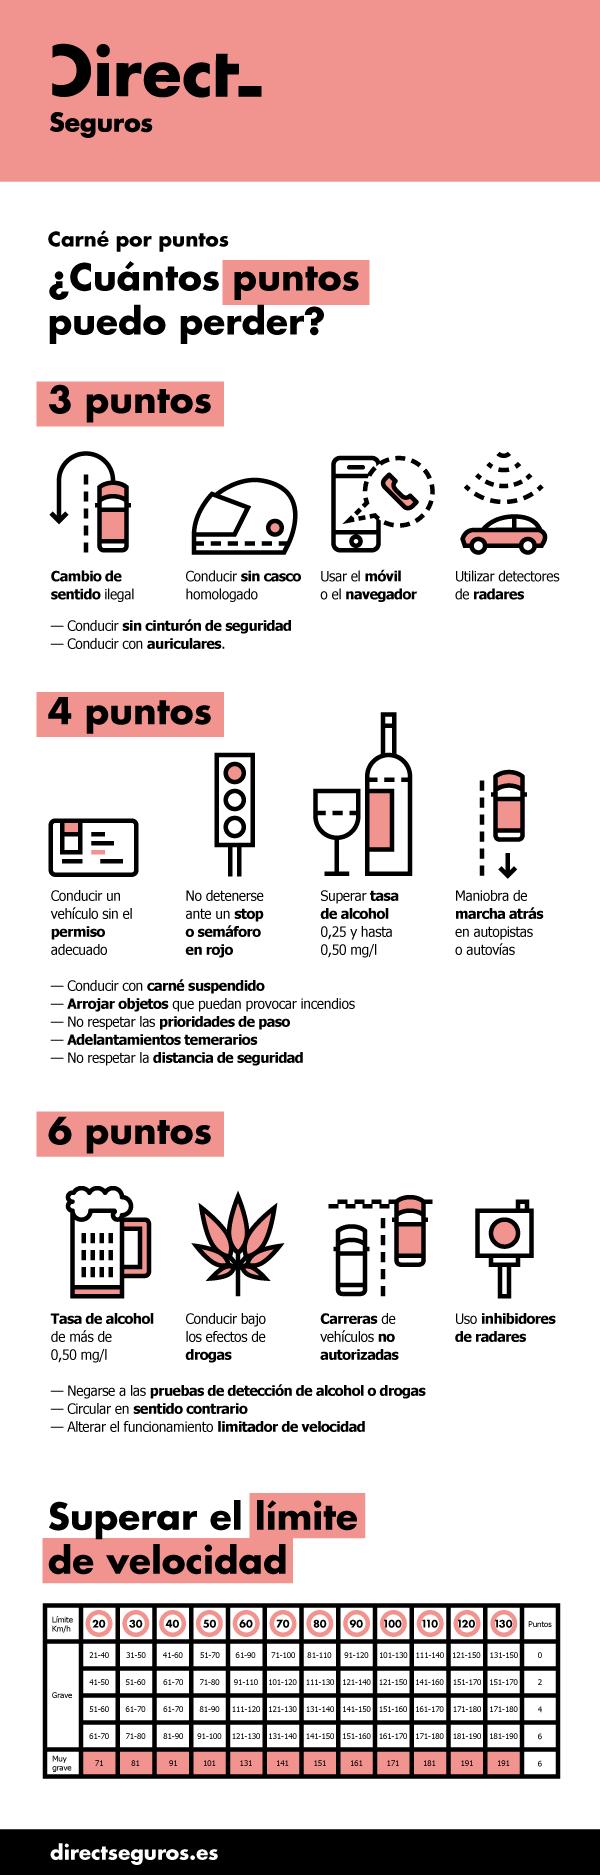 Infografia_DIRECT_Carné_Puntos